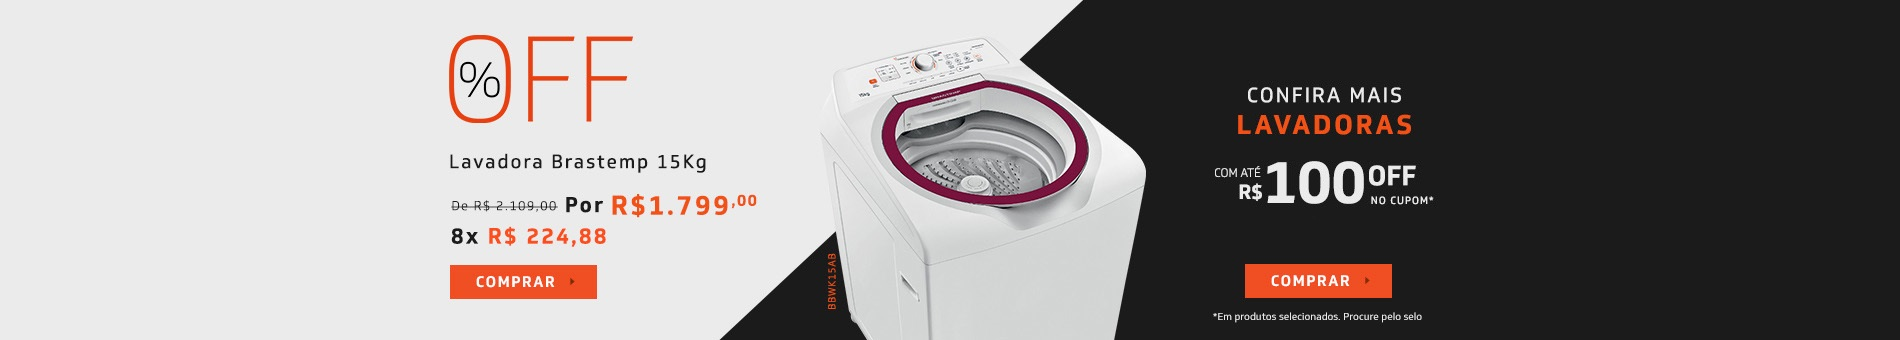 Promoção Interna - 2132 - camp-saldao2_BWK15AB-lavadora-duplo_16012018_home5 - BWK15AB-lavadora-duplo - 5